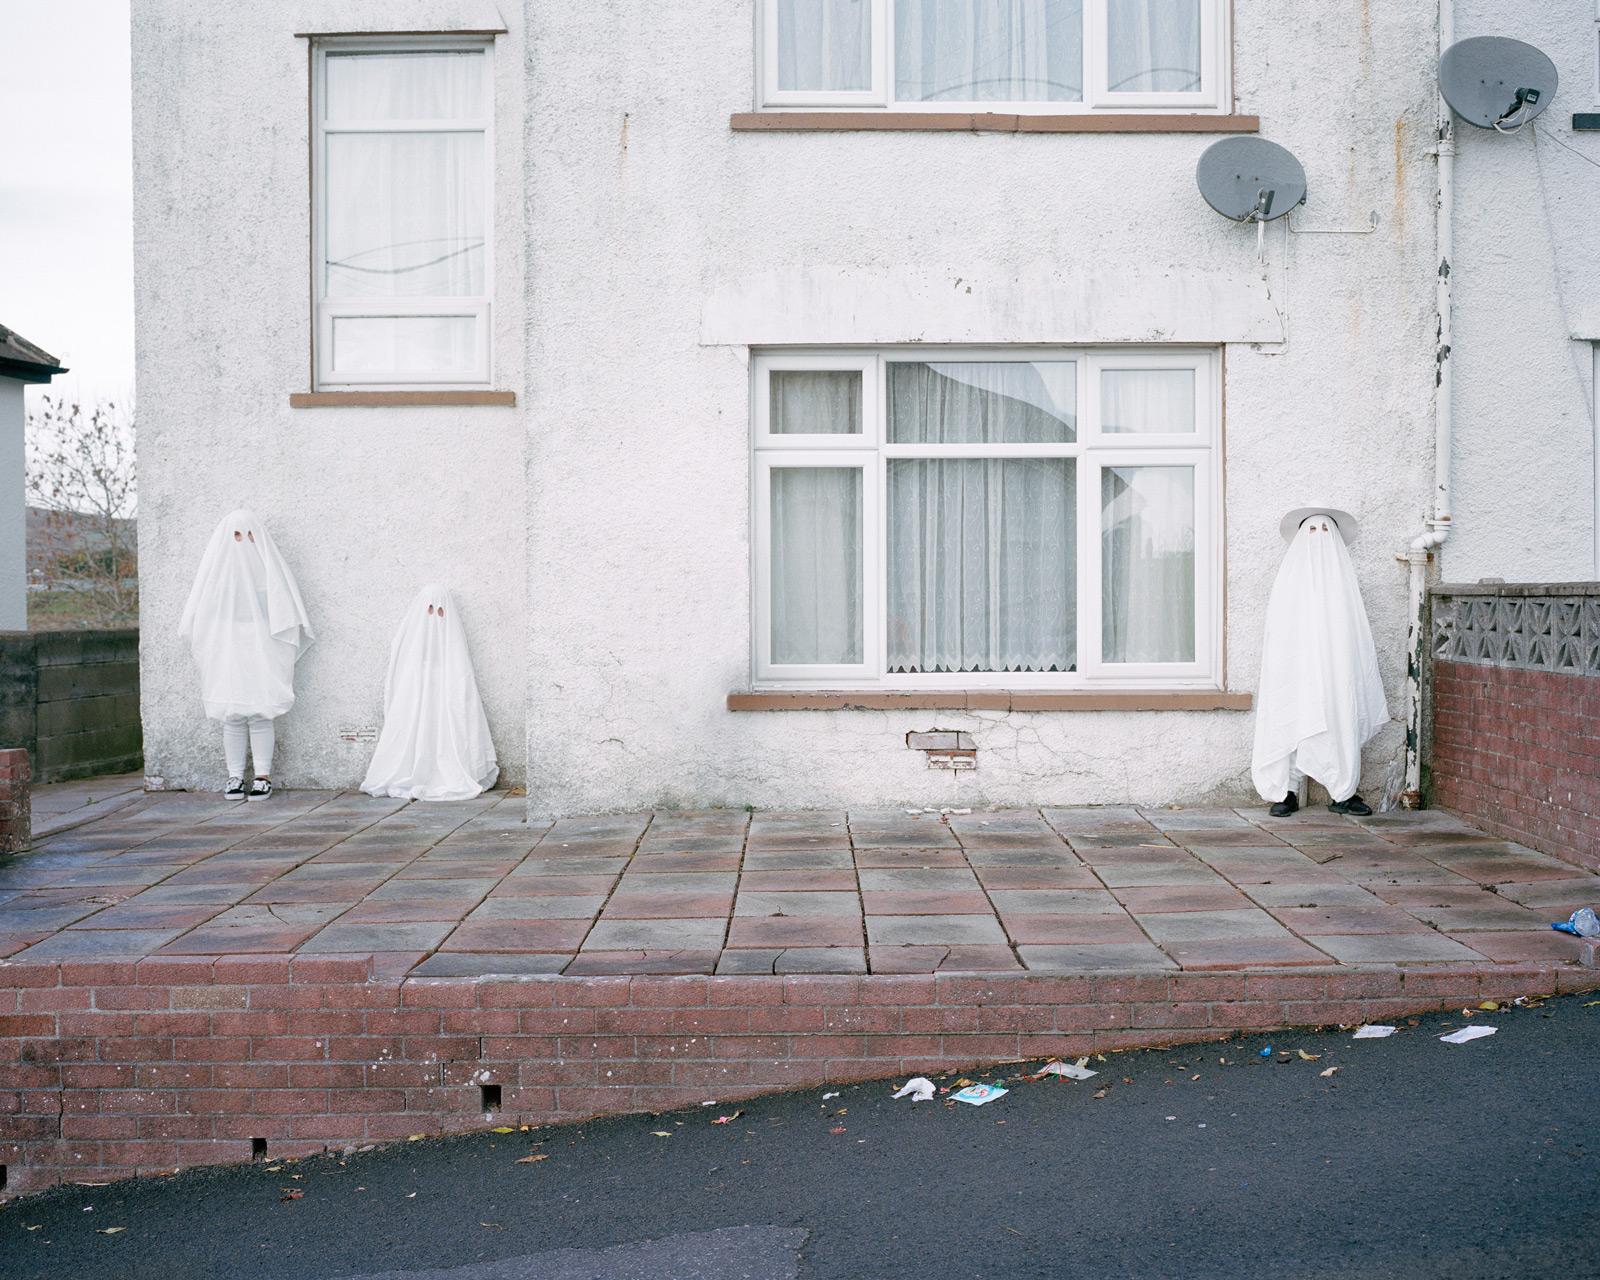 ghosts_merthy_2018.jpg